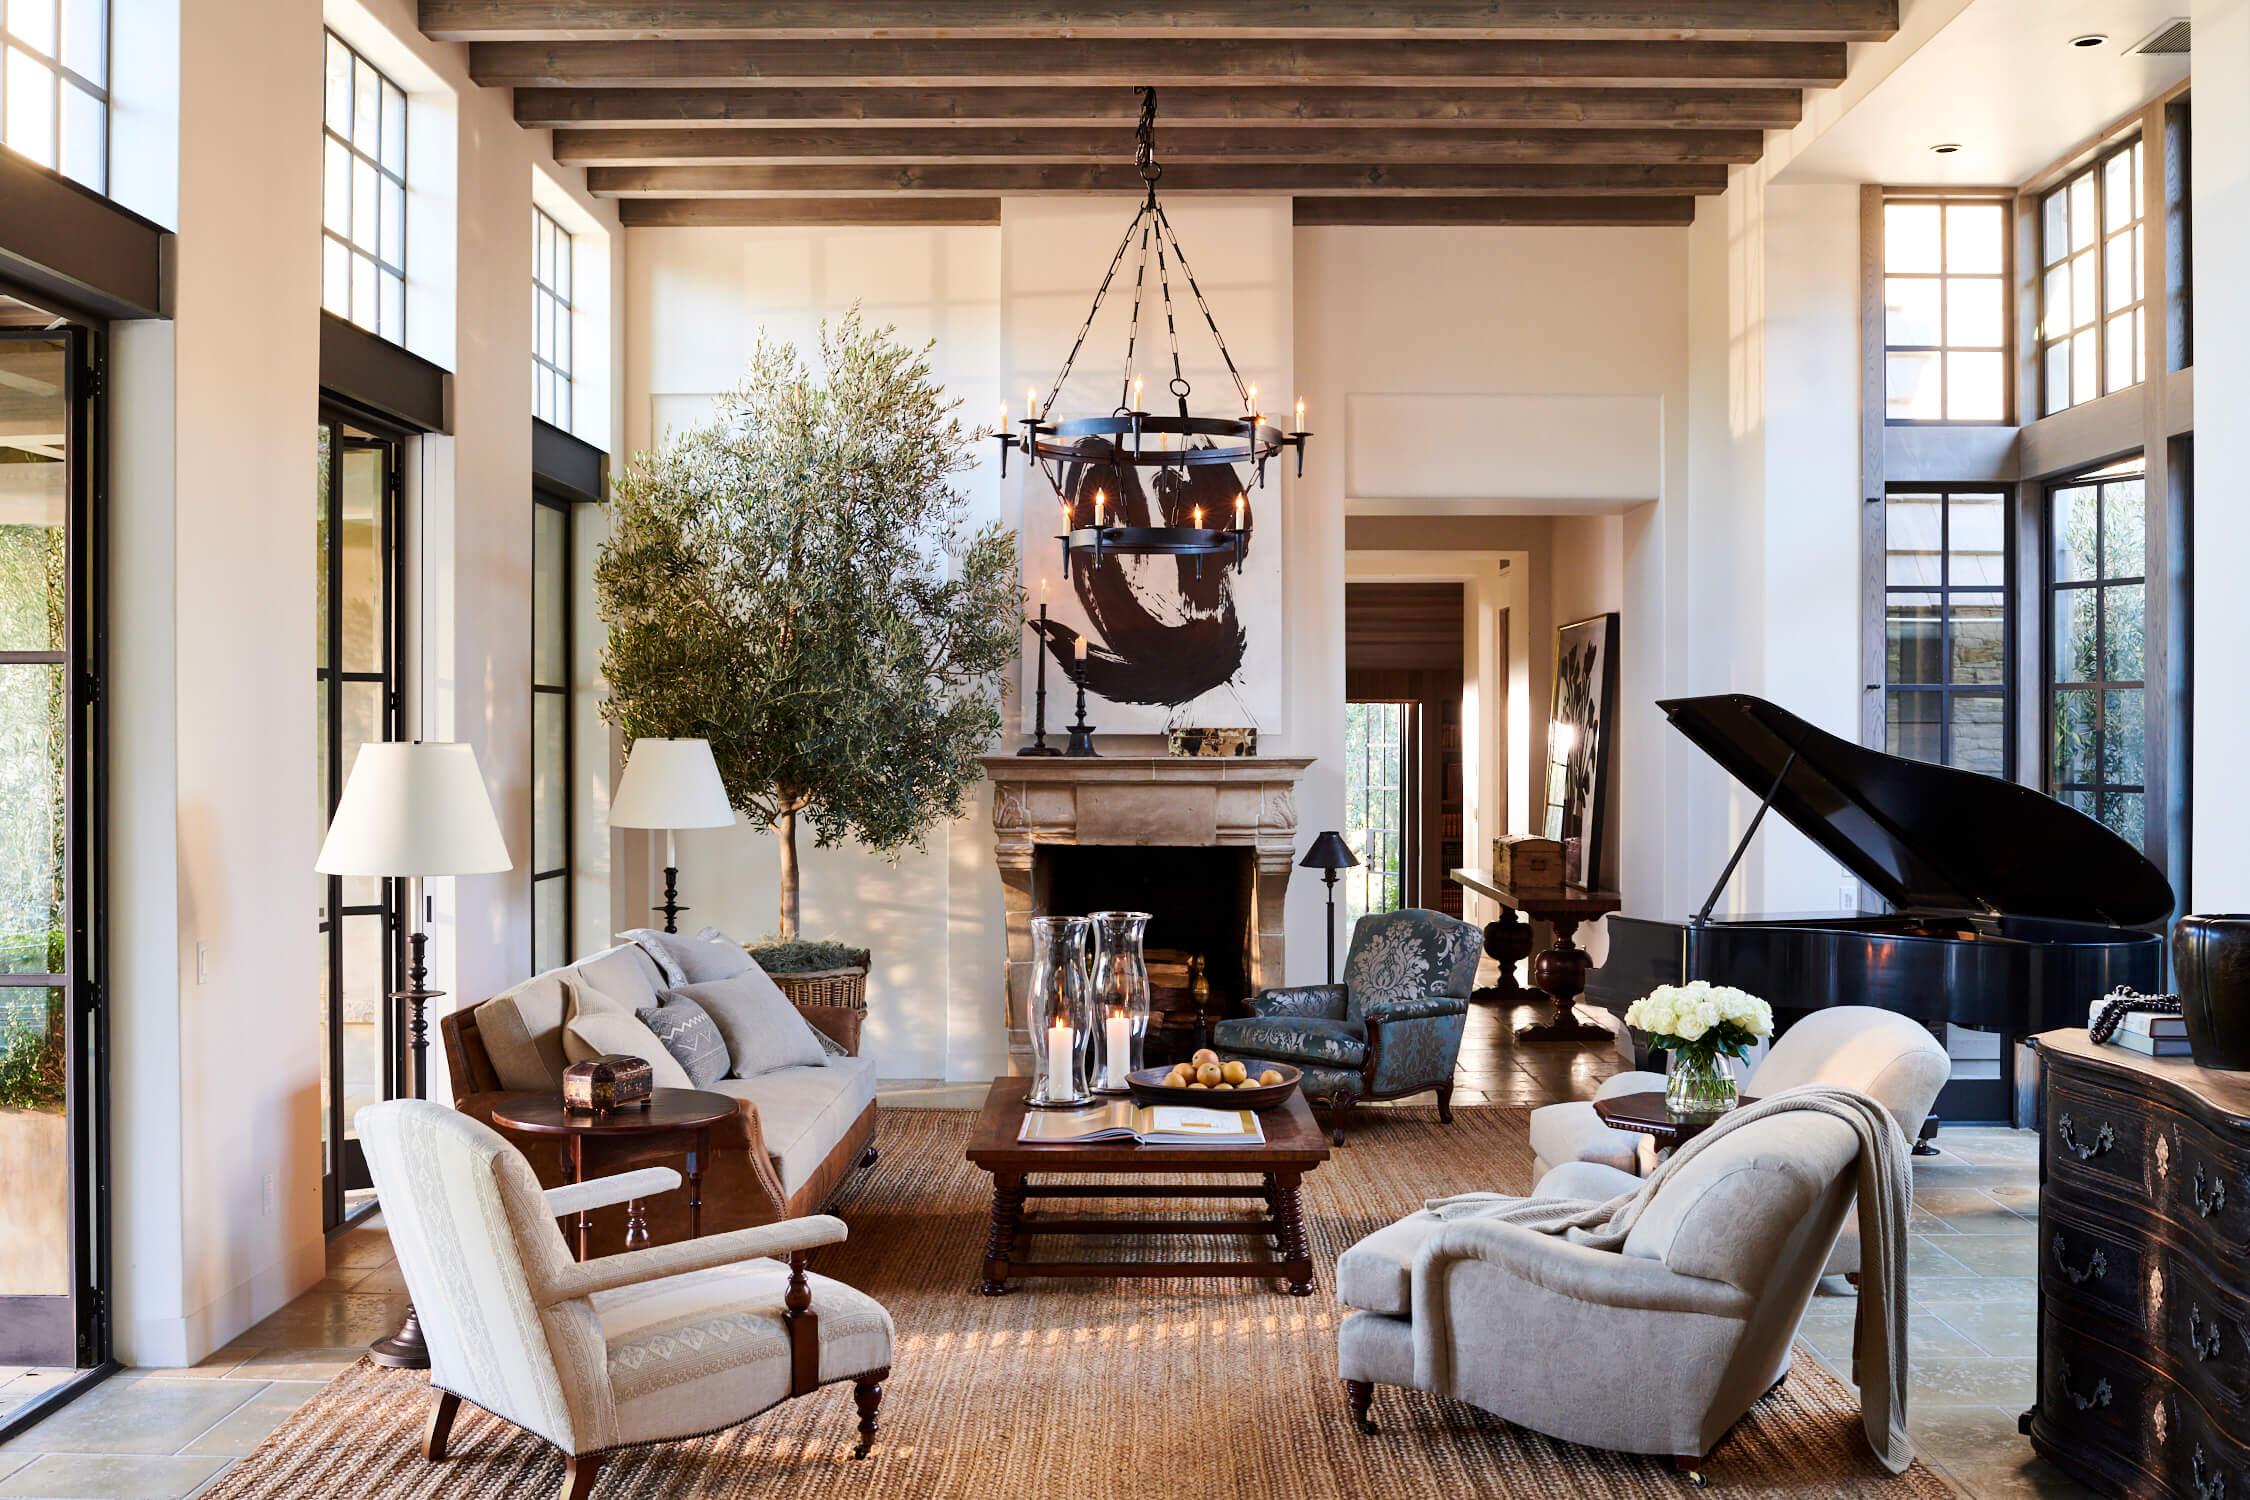 Sensational Ralph Lauren Home Mikkel Vang Andrewgaddart Wooden Chair Designs For Living Room Andrewgaddartcom